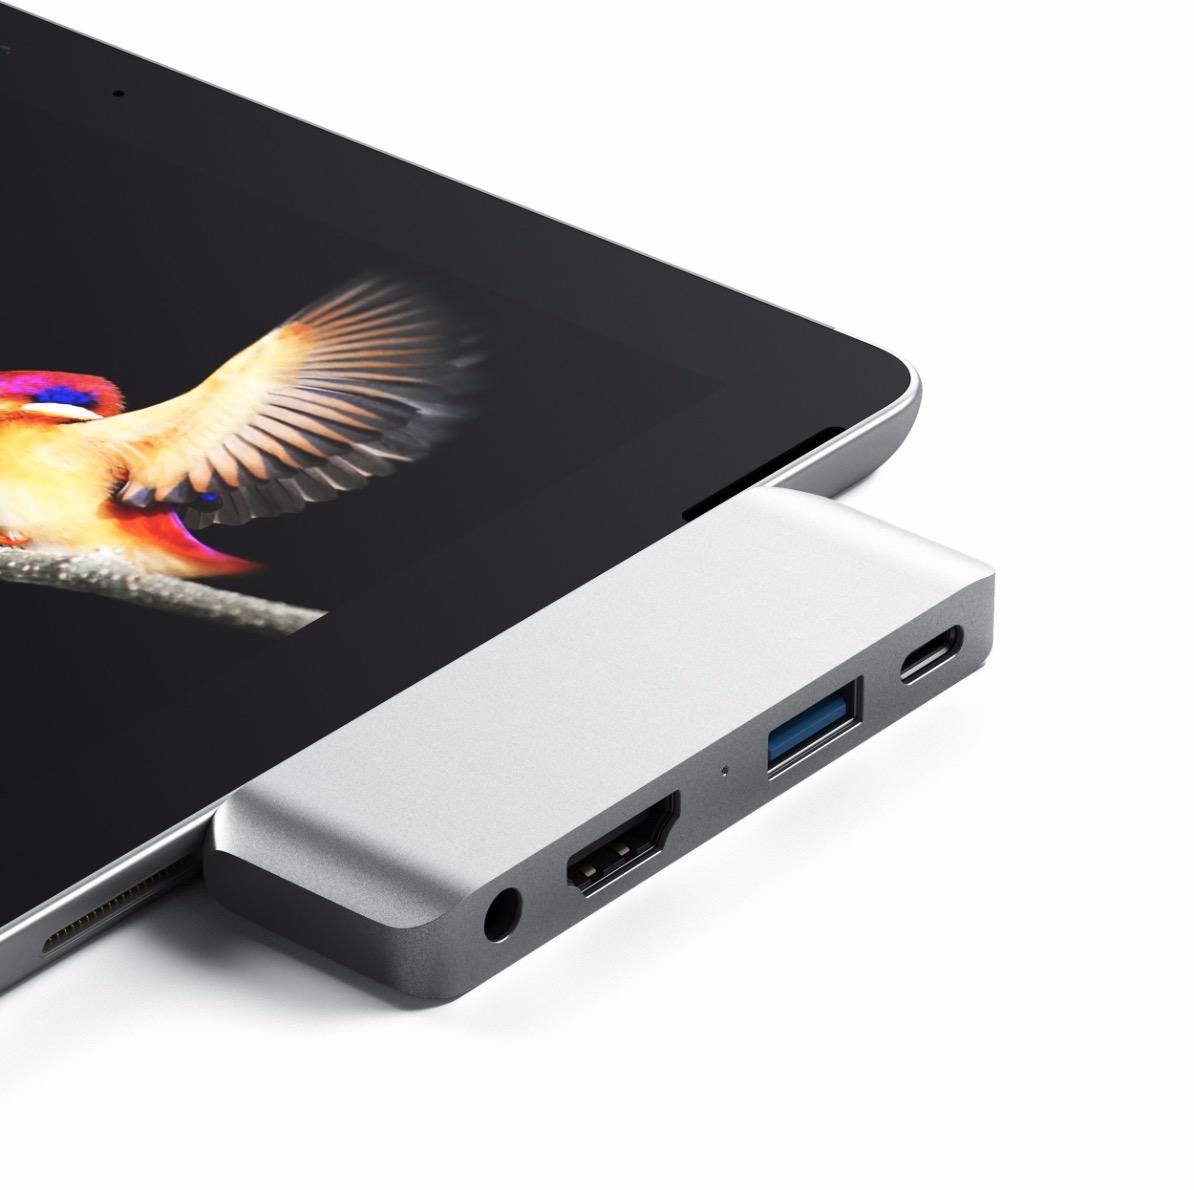 satechi ipad pro usb c hub - Na trh prichádzajú prvé USB-C huby špeciálne pre iPad Pro